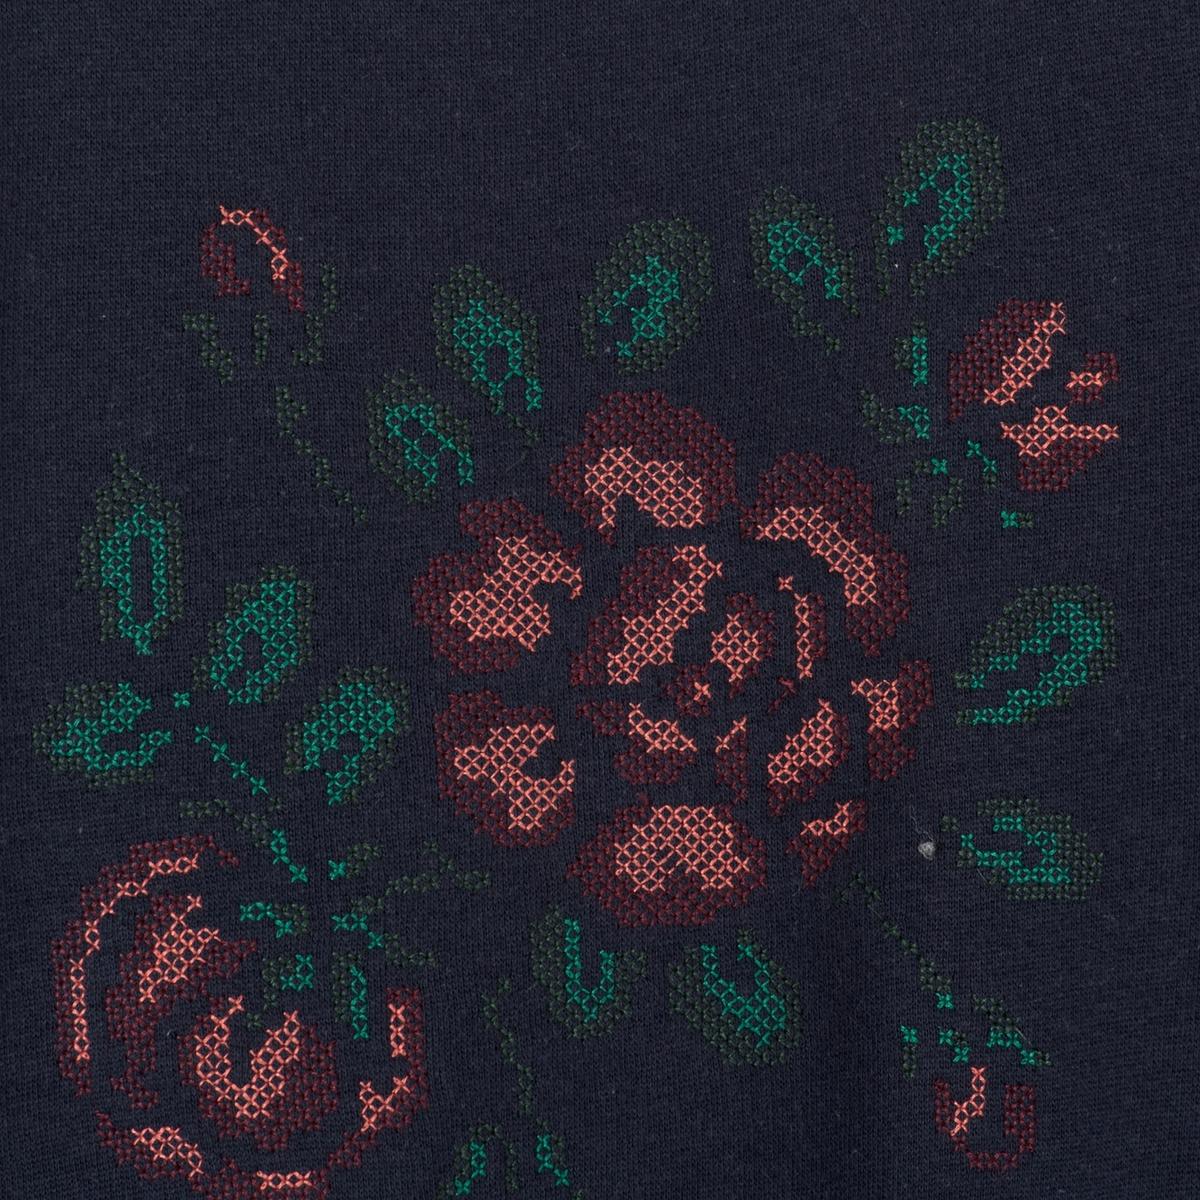 Пуловер с вырезом трапеция и вышивкой в виде цветов, 10-16 летПуловер с длинными рукавами из мольтона, вырез в виде трапеции. Круглый вырез. Рисунок спереди в виде цветов, вышитый крестиком.                                                                           Состав и описание :           Материал  80% хлопка, 20% полиэстера          Марка     R pop                       Уход :          Машинная стирка при 30 °C с вещами схожих цветов.          Стирка и сушка с изнаночной стороны.          Машинная сушка в обычном режиме.          Гладить при умеренной температуре.<br><br>Цвет: синий морской<br>Размер: 16 лет